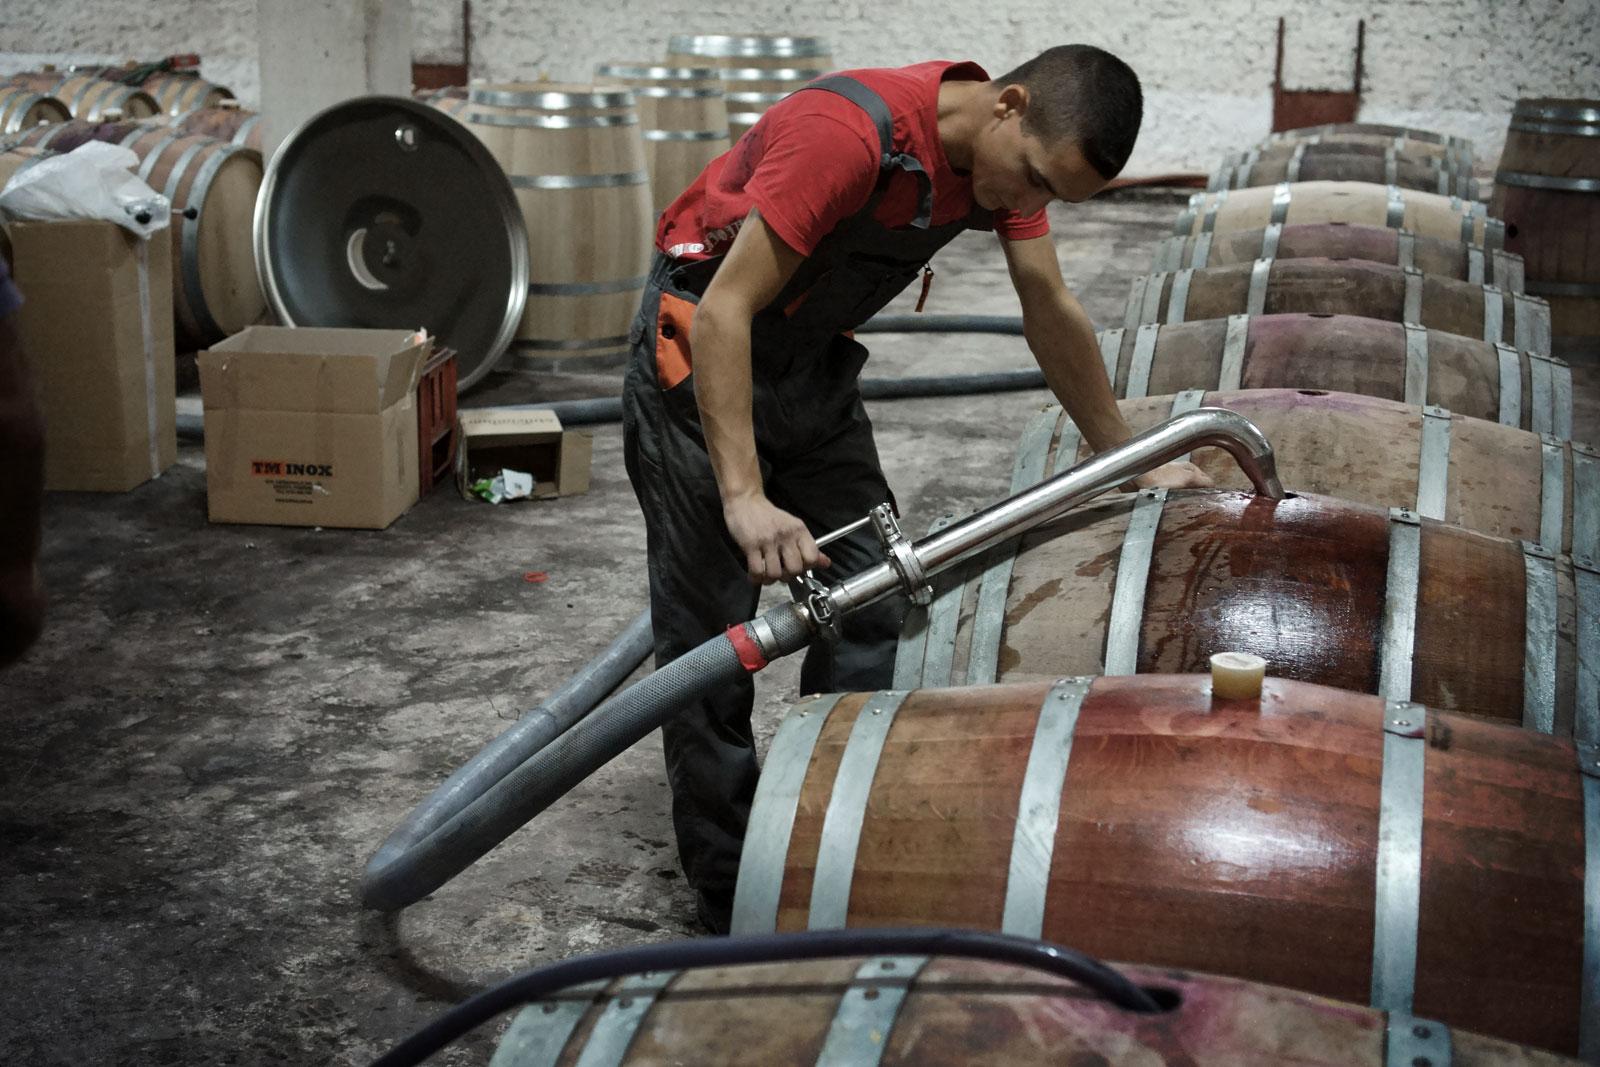 Muncitor umpla butoaie cu vin